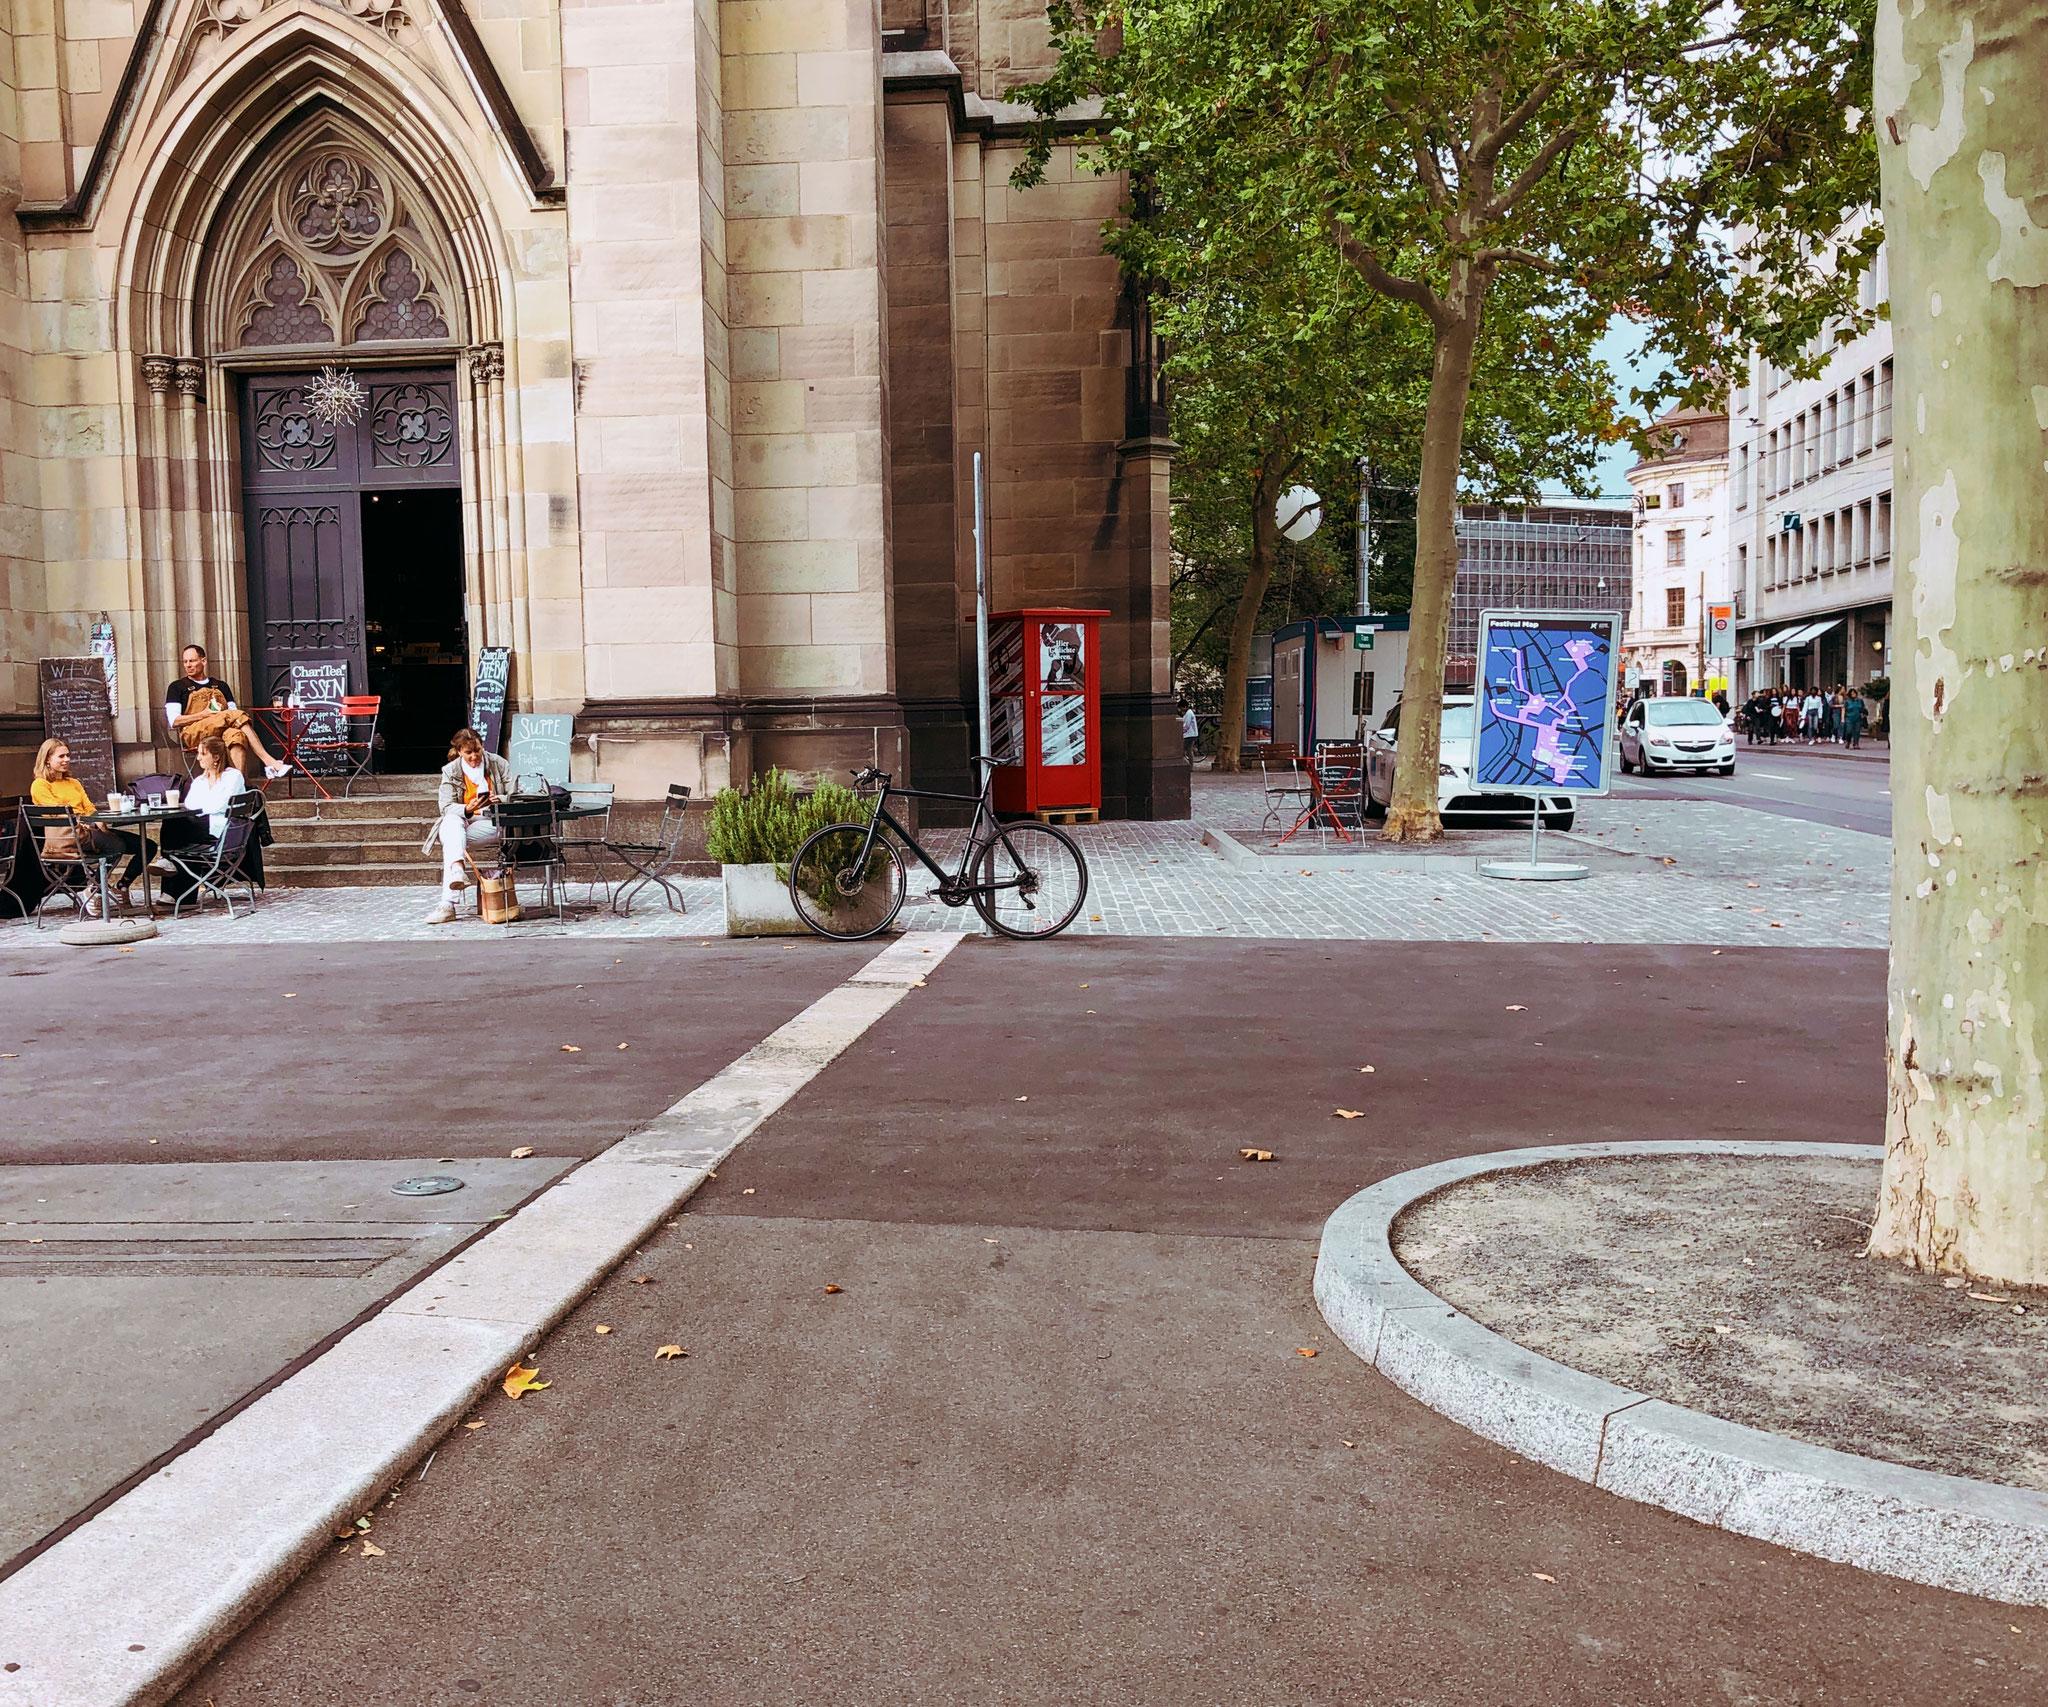 Die Poesietelefonkabine darf während der ersten Laufzeit der Poesie-Hotline (9 Tage) bei der Elisabethenkirche stehenbleiben.